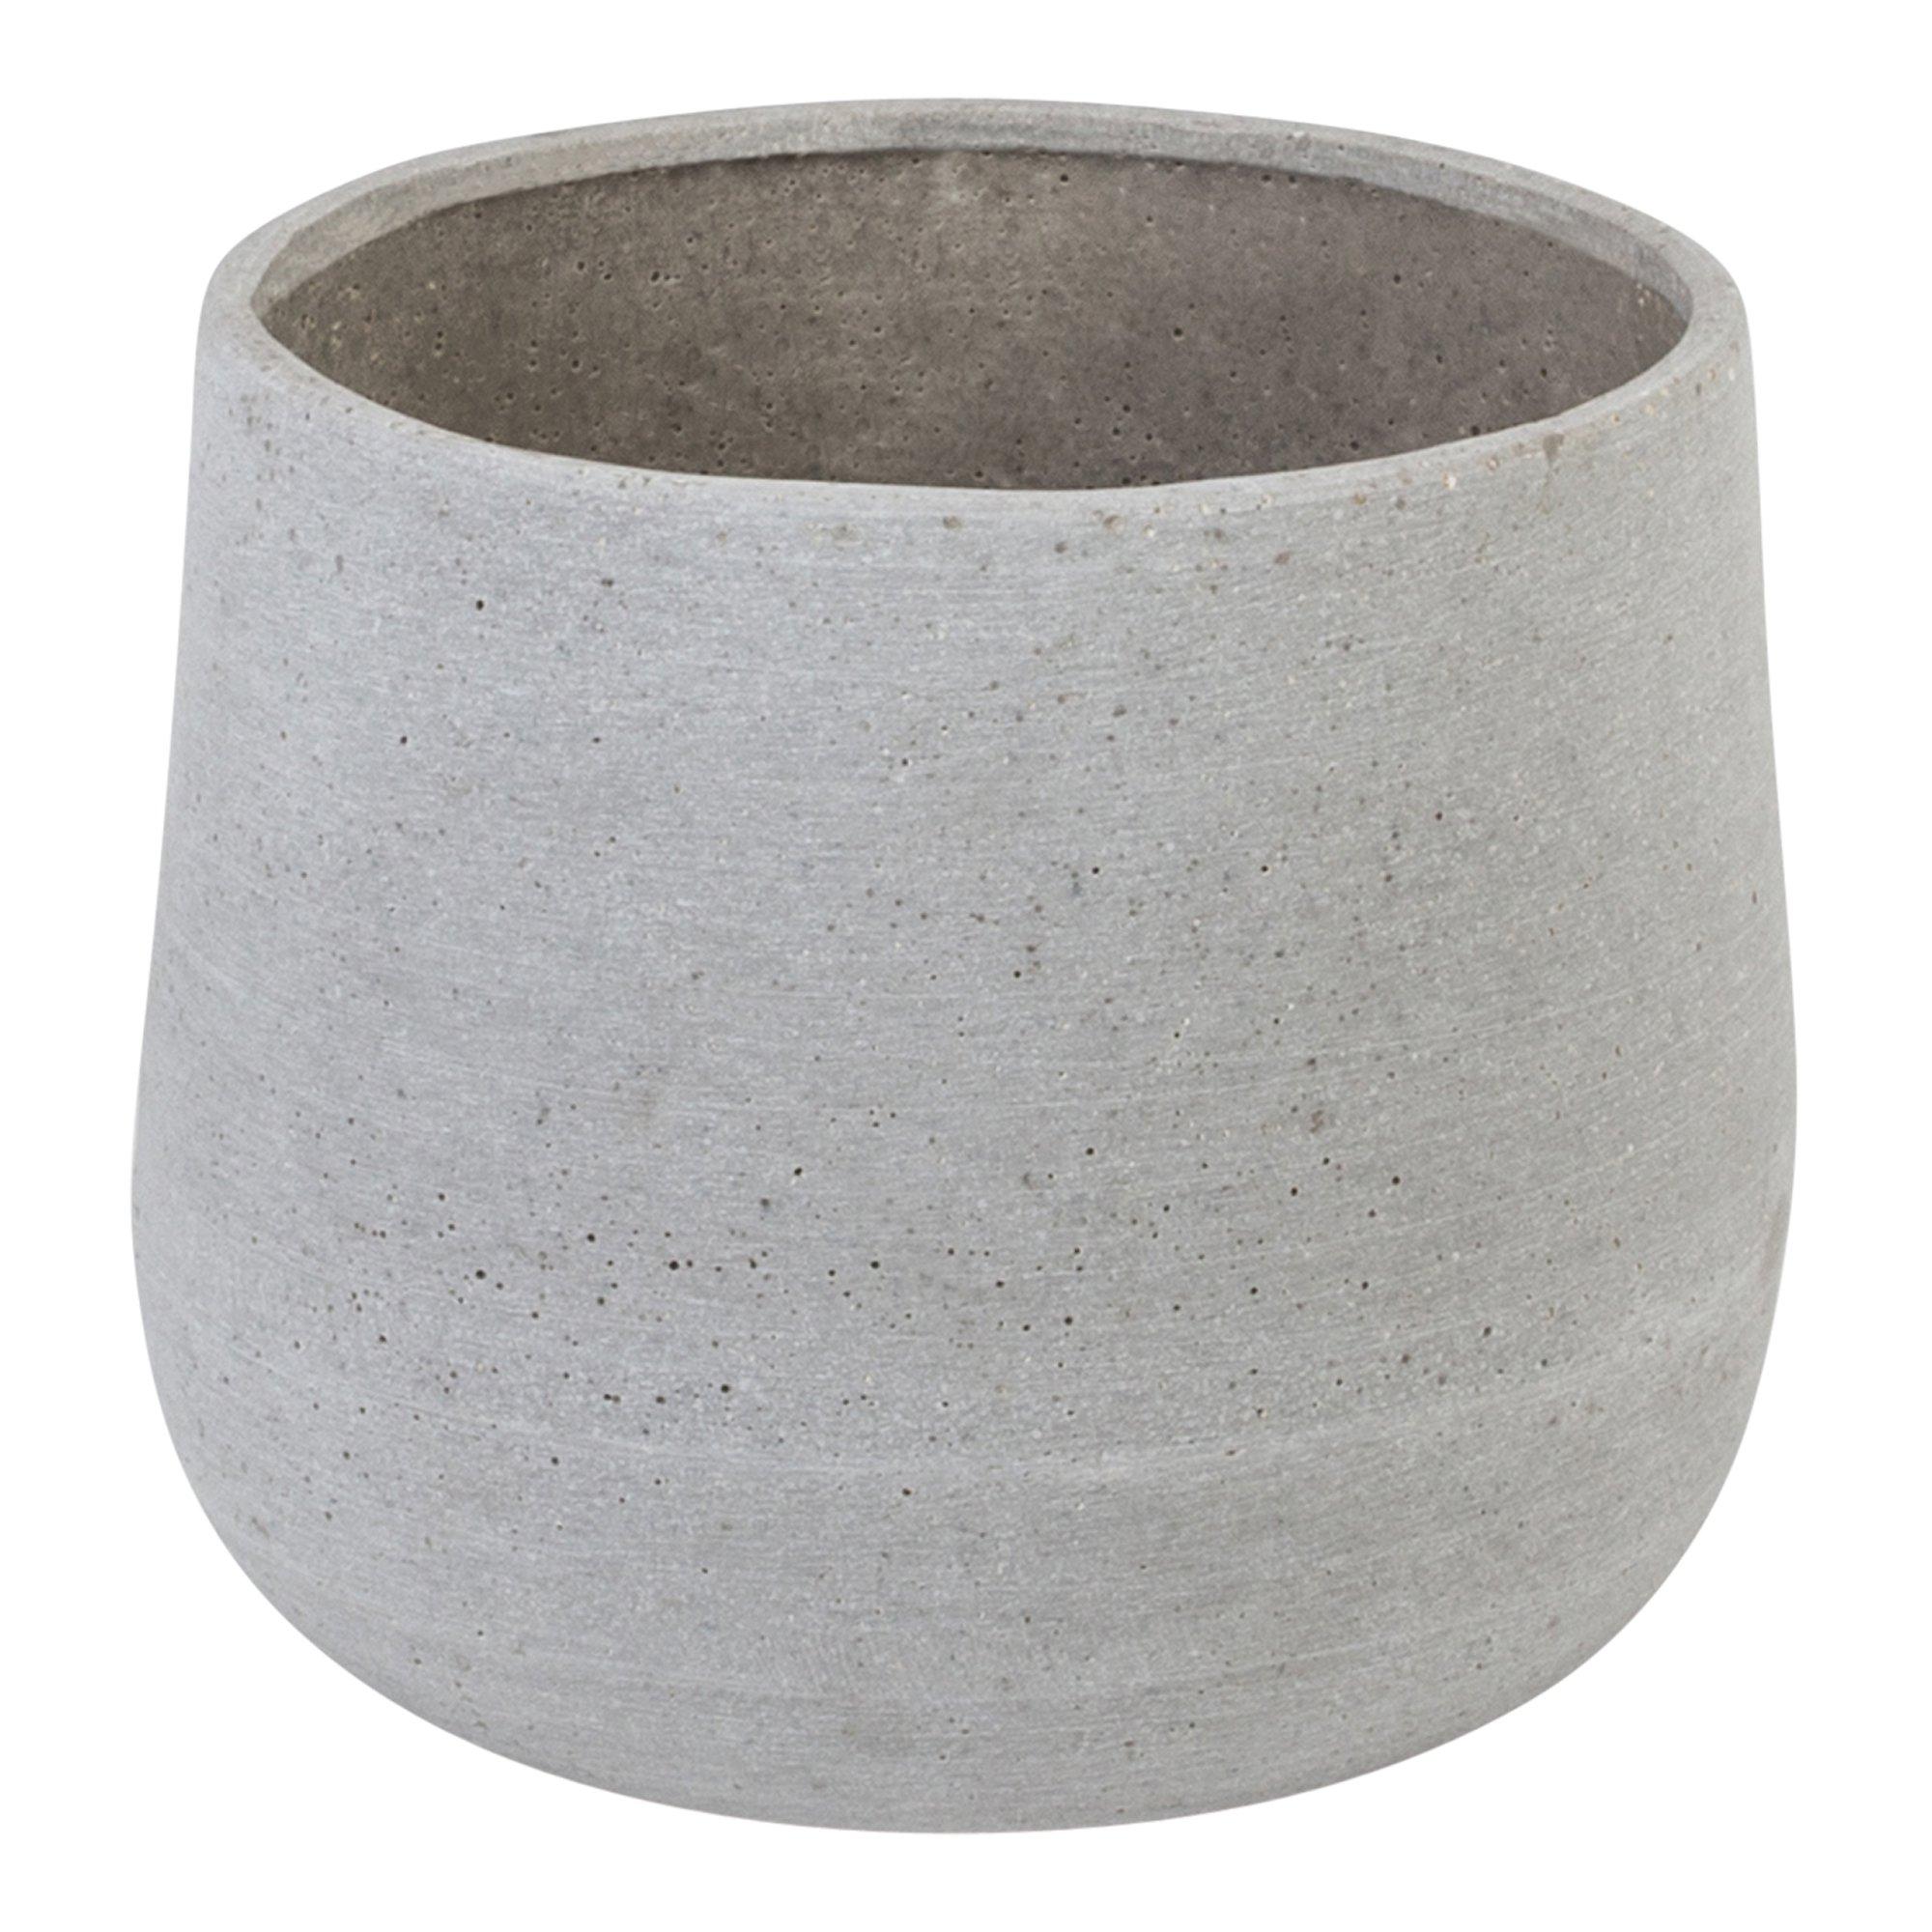 Potte Brede stor grå